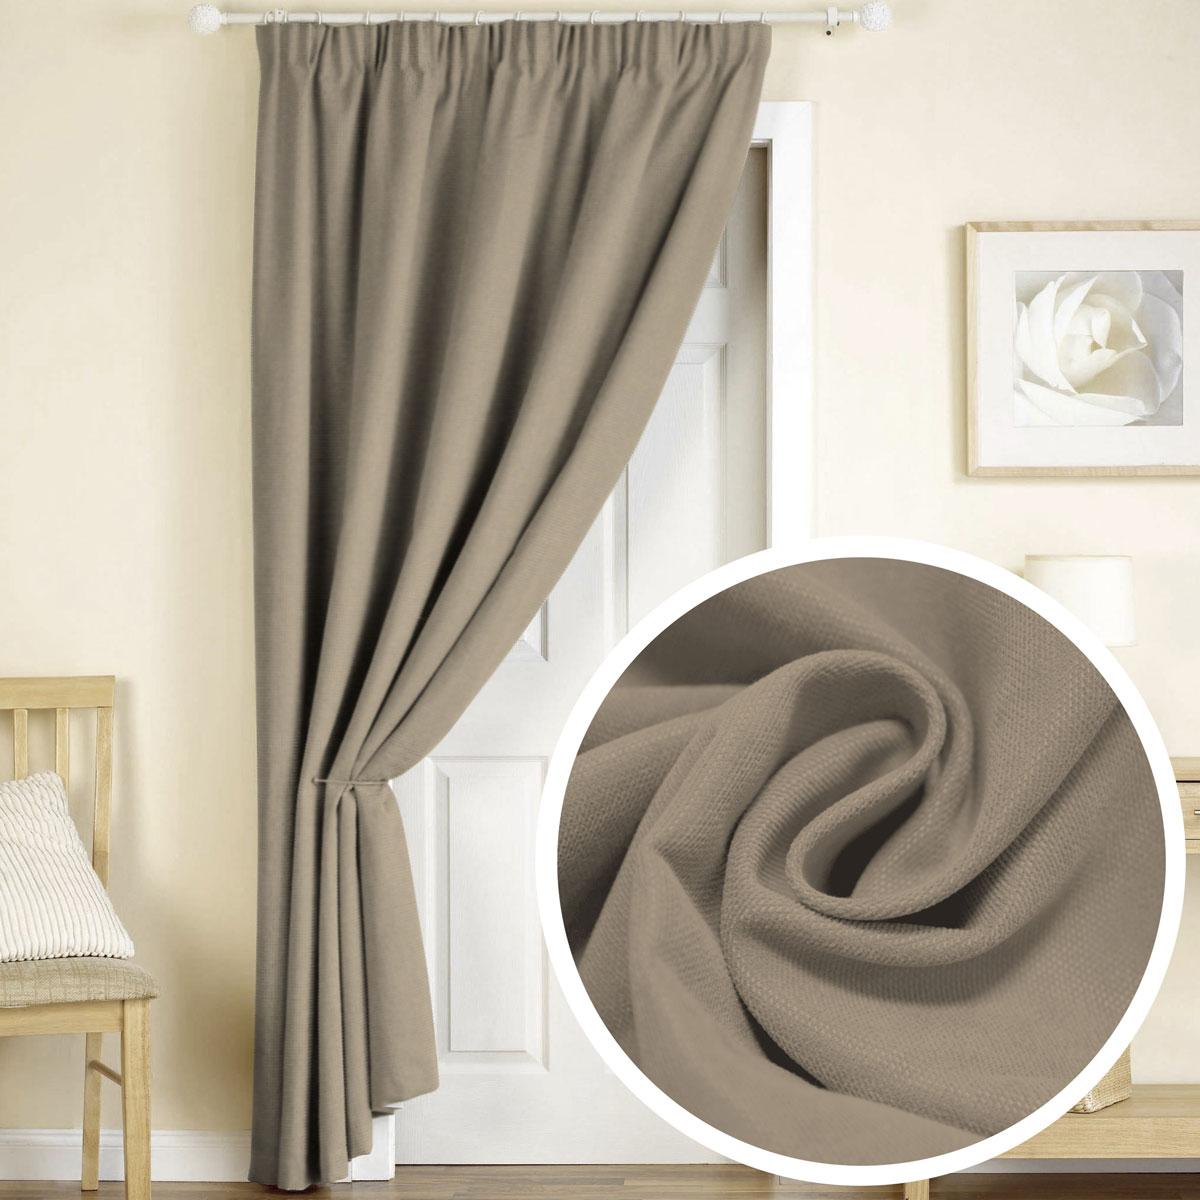 Штора Amore Mio, на ленте, цвет: молочно-коричневый, высота 270 см77617Готовая штора Amore Mio - это роскошная портьера для яркого и стильного оформления окон и создания особенной уютной атмосферы. Она великолепно смотрится как одна, так и в паре, в комбинации с нежной тюлевой занавеской, собранная на подхваты и свободно ниспадающая естественными складками.Такая штора, изготовленная полностью из прочного и очень практичного полиэстера, долговечна и не боится стирок, не сминается, не теряет своего блеска и яркости красок.